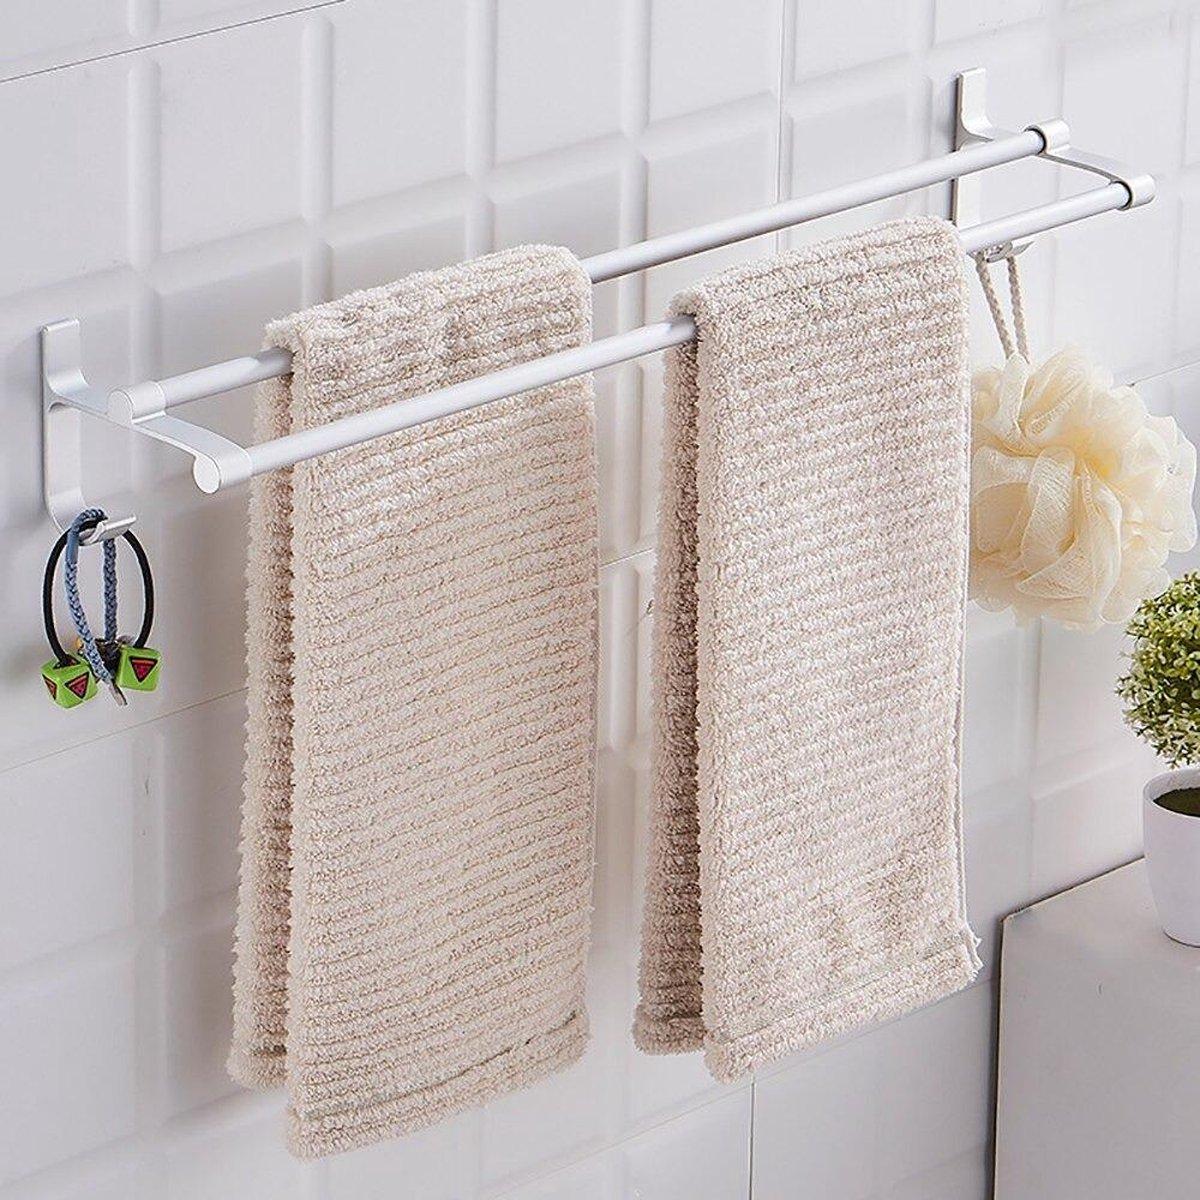 Luxe Handdoekrek Zelfklevend - Handdoekhouder Badkamer - Wandrek - Handdoek Rek - Badkamer Accessoires